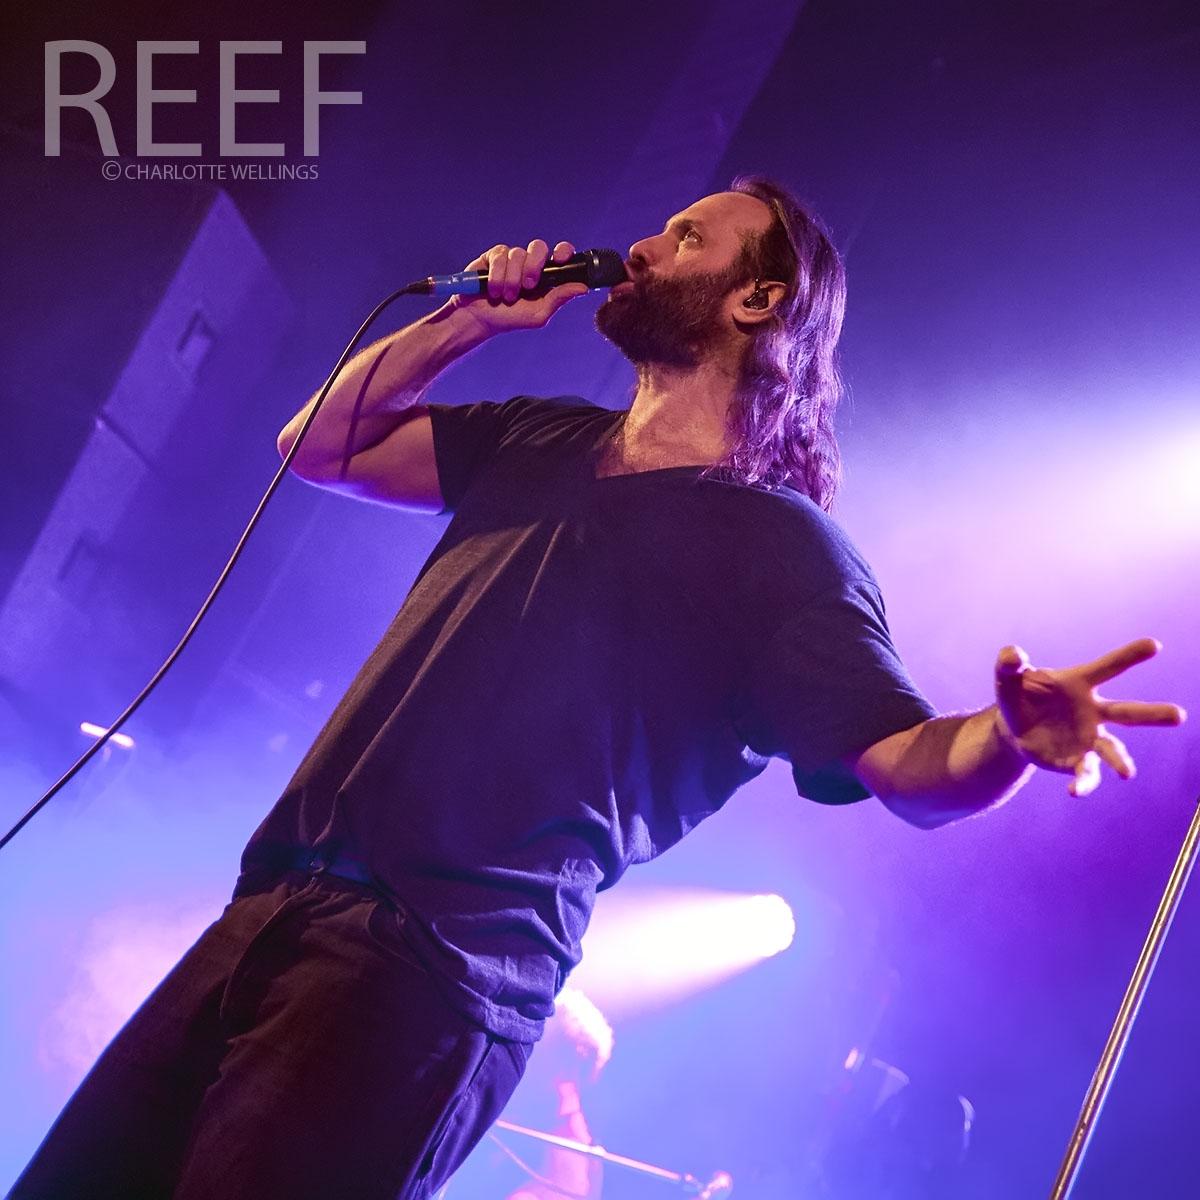 Reef-01wm.jpg